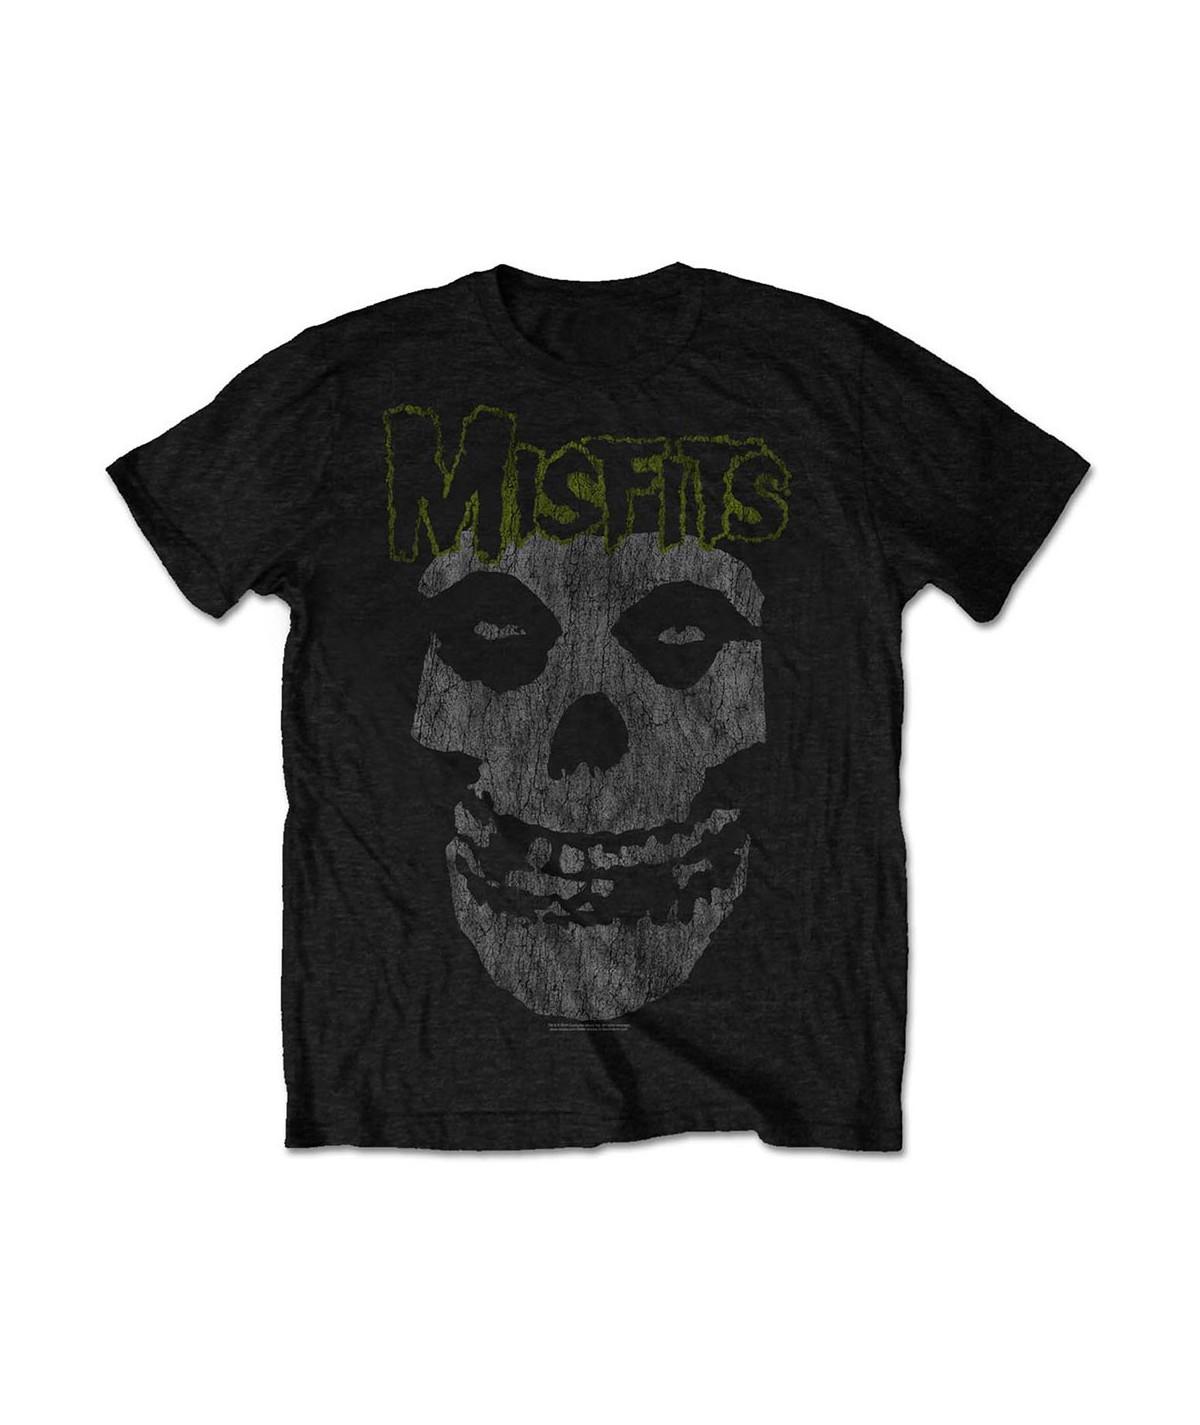 Tricou Unisex Misfits: Classic Vintage